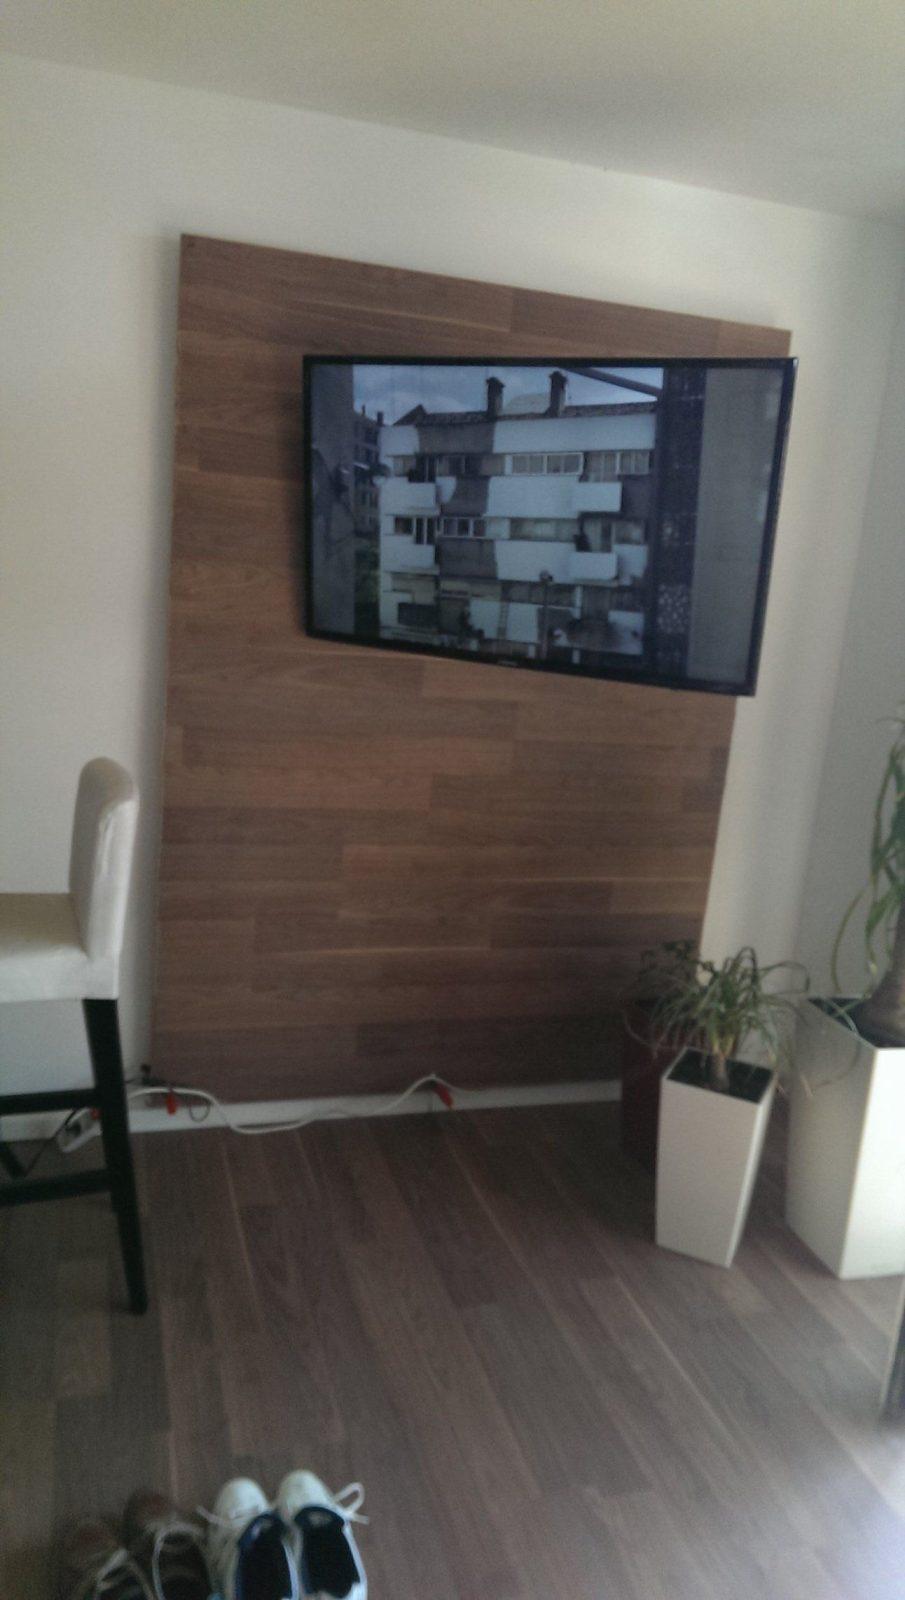 Kabel Verstecken Wand Swalif Avec Kabel Verstecken Tv Et Imag0500 von Wand Tv Kabel Verstecken Bild